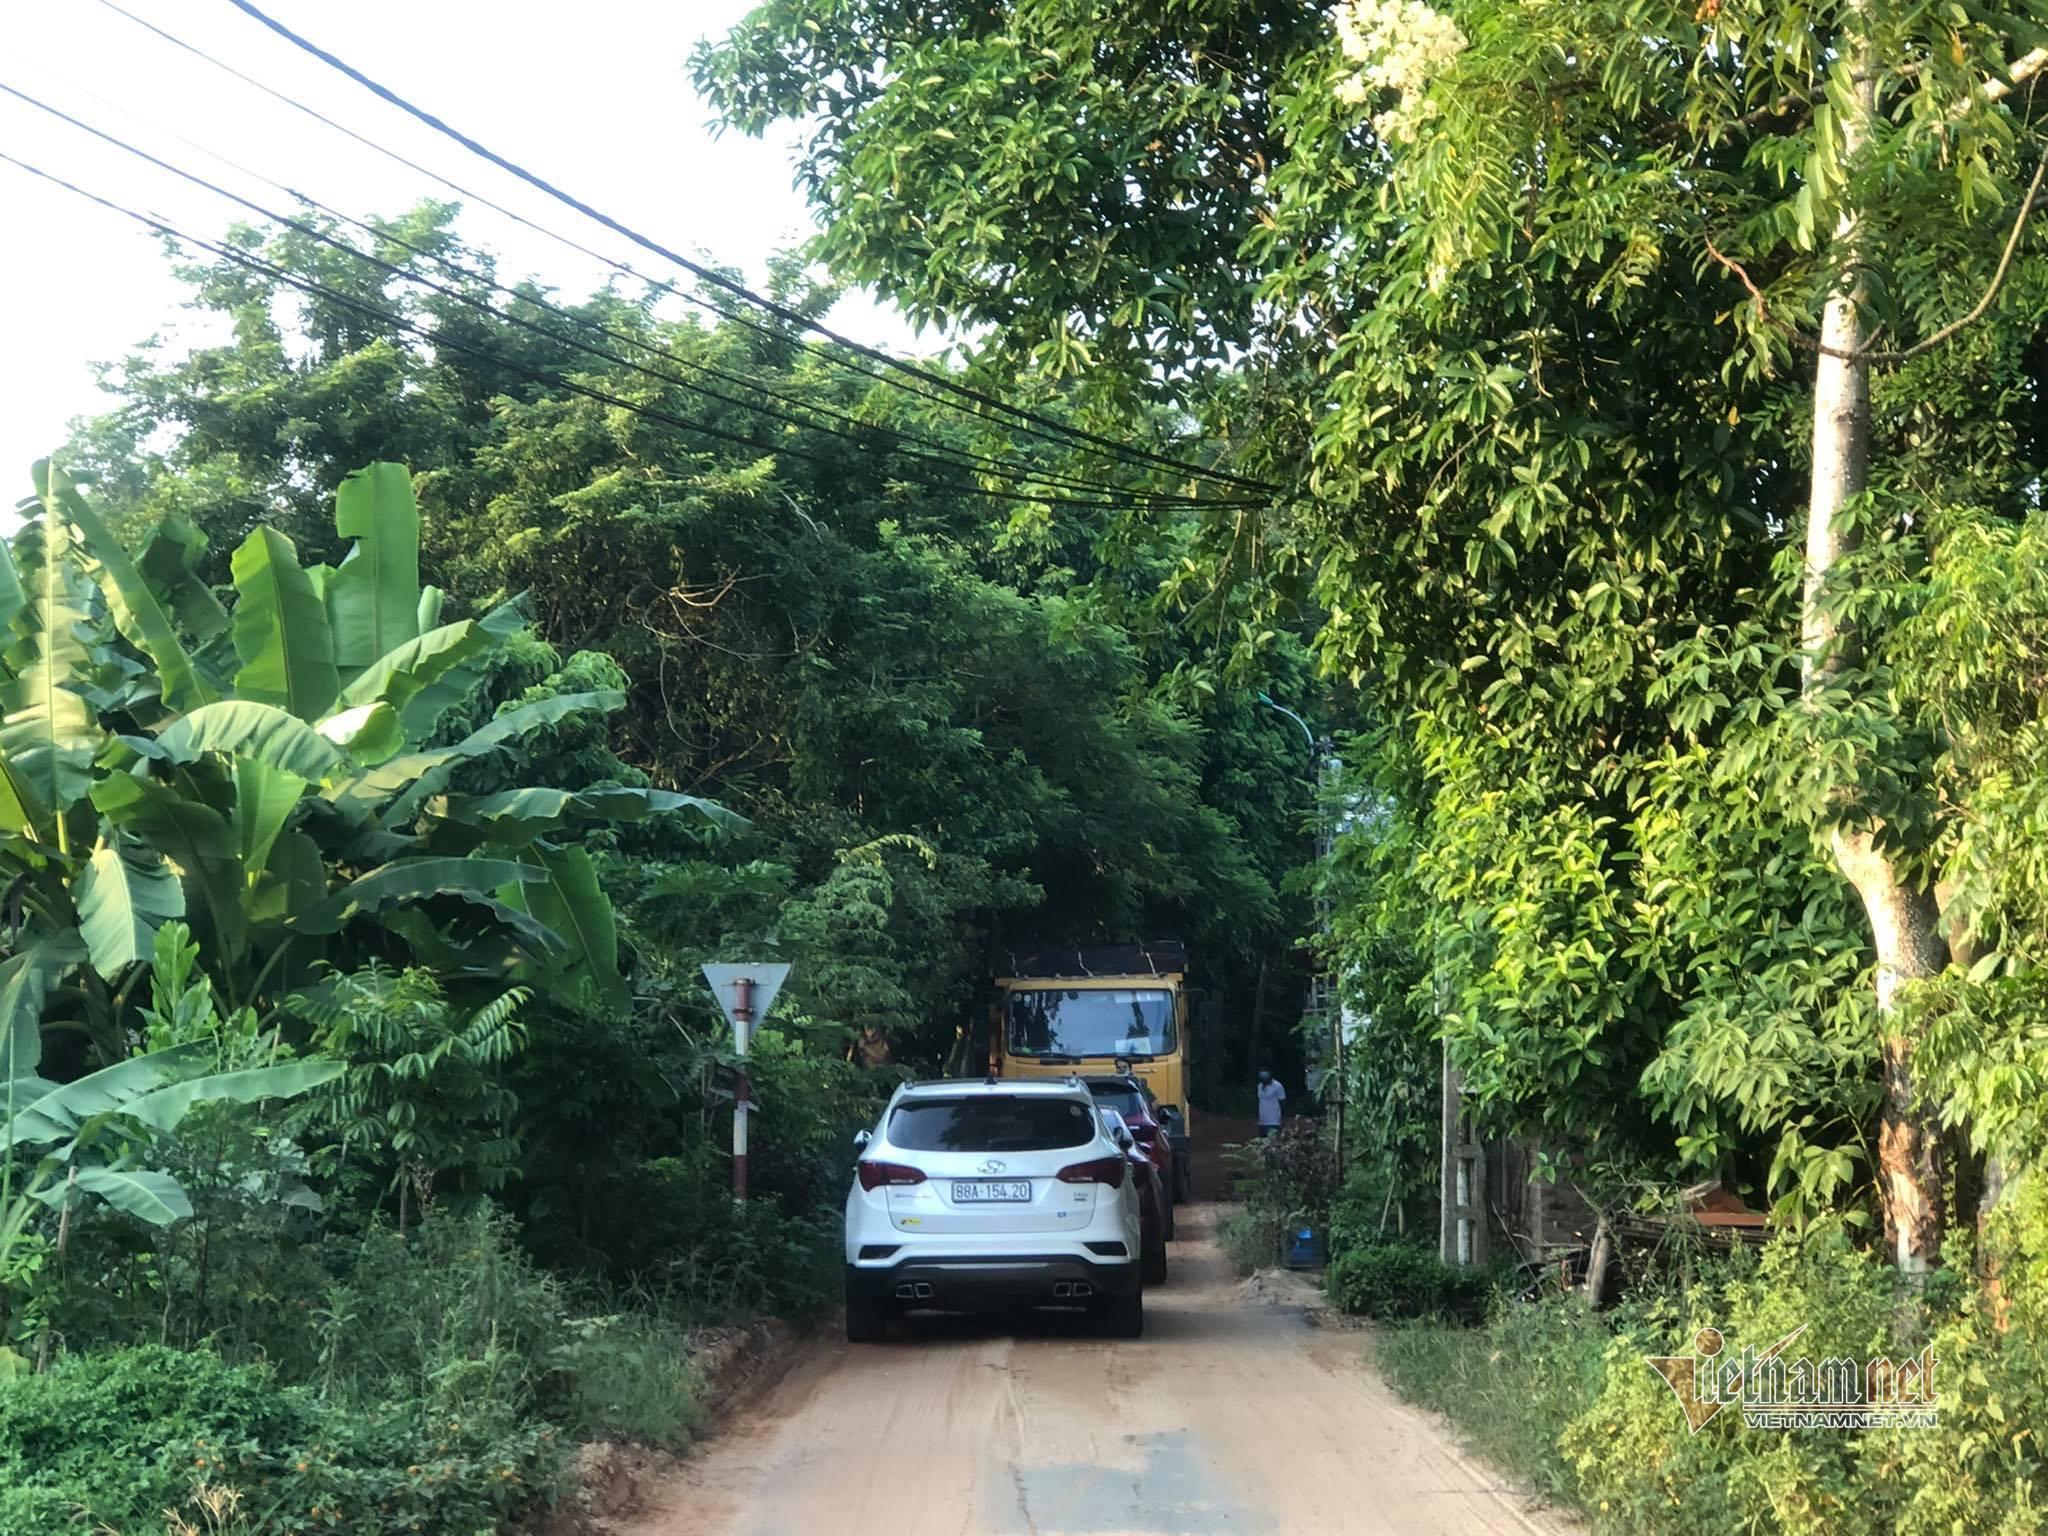 Công an bắt vụ khai thác đất trái phép quy mô lớn giữa dịch Covid-19 ở Vĩnh Phúc